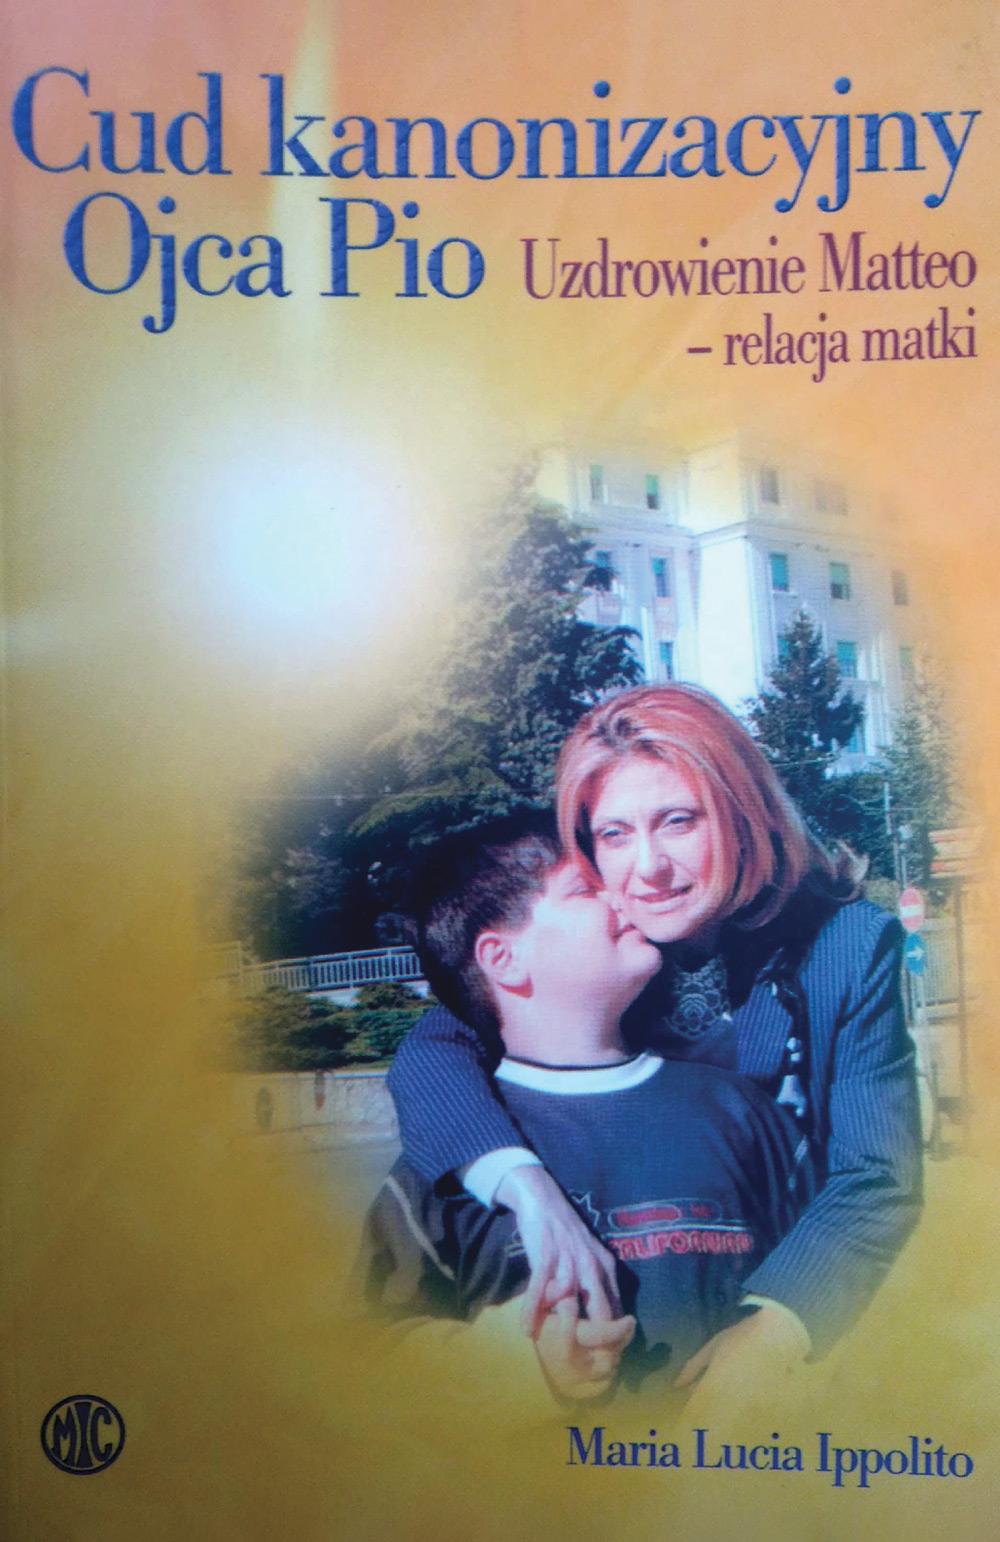 copertina-polacco